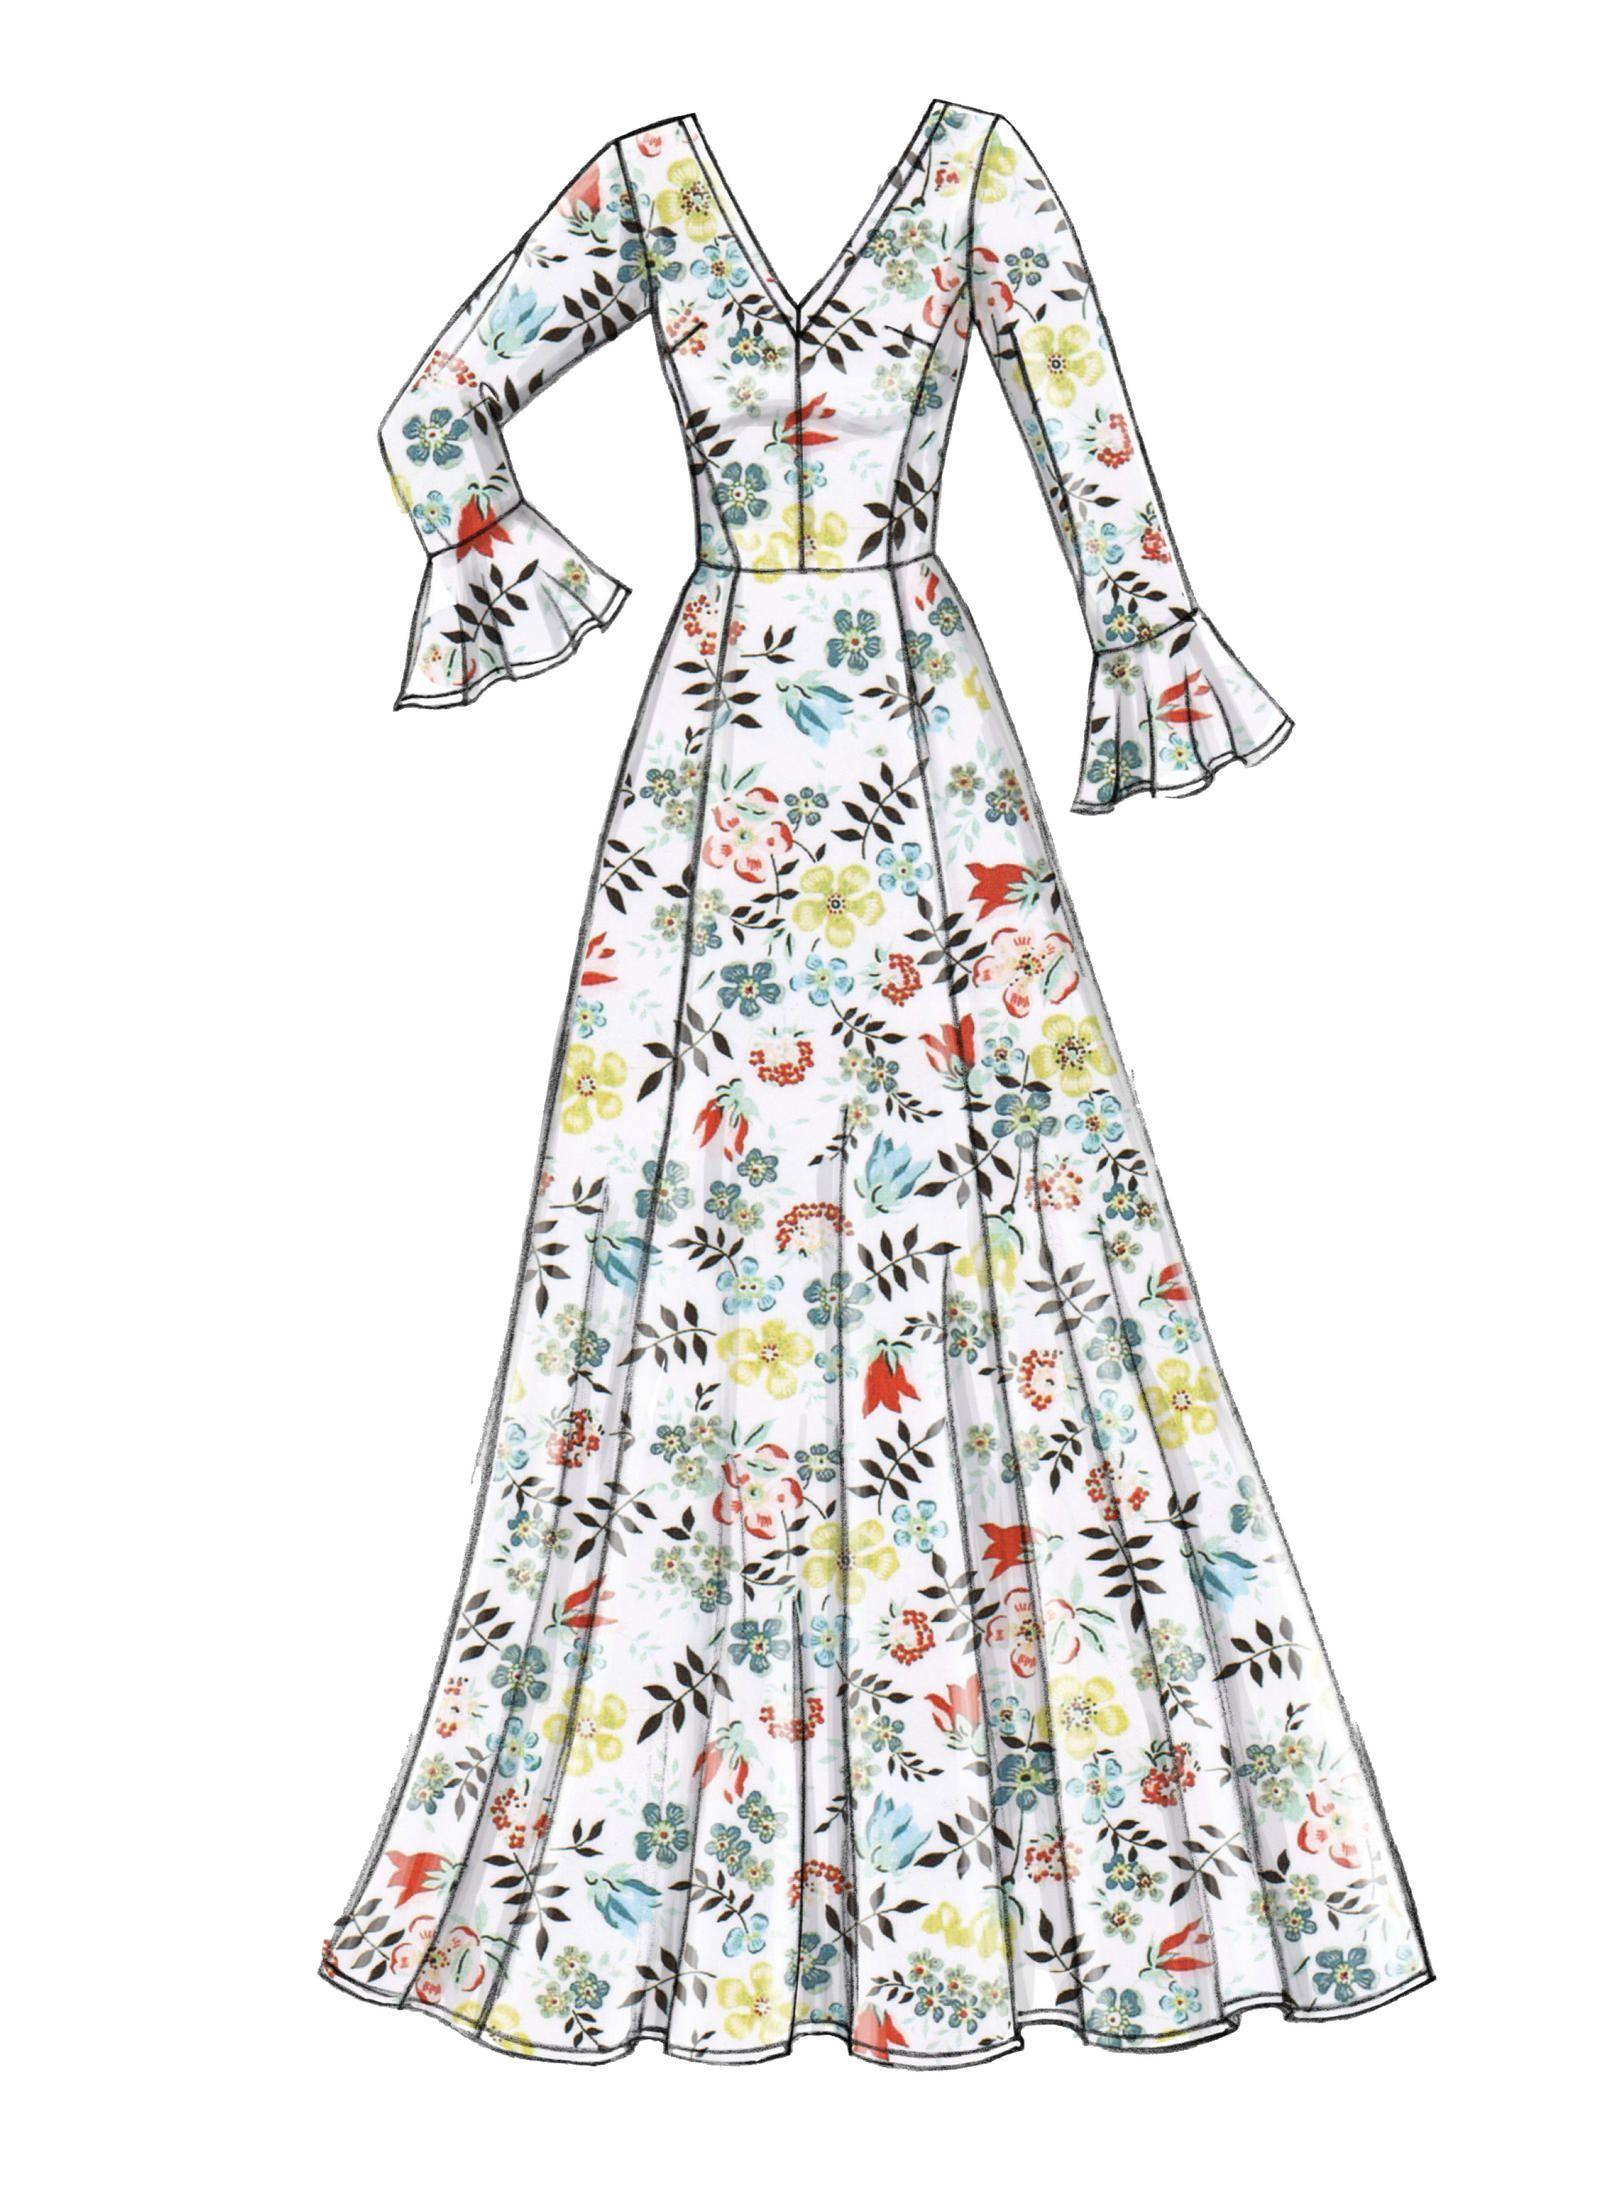 V9328 Misses Dress Sewing Pattern Vogue Patterns Dress Design Sketches Dress Design Drawing Fashion Drawing Dresses